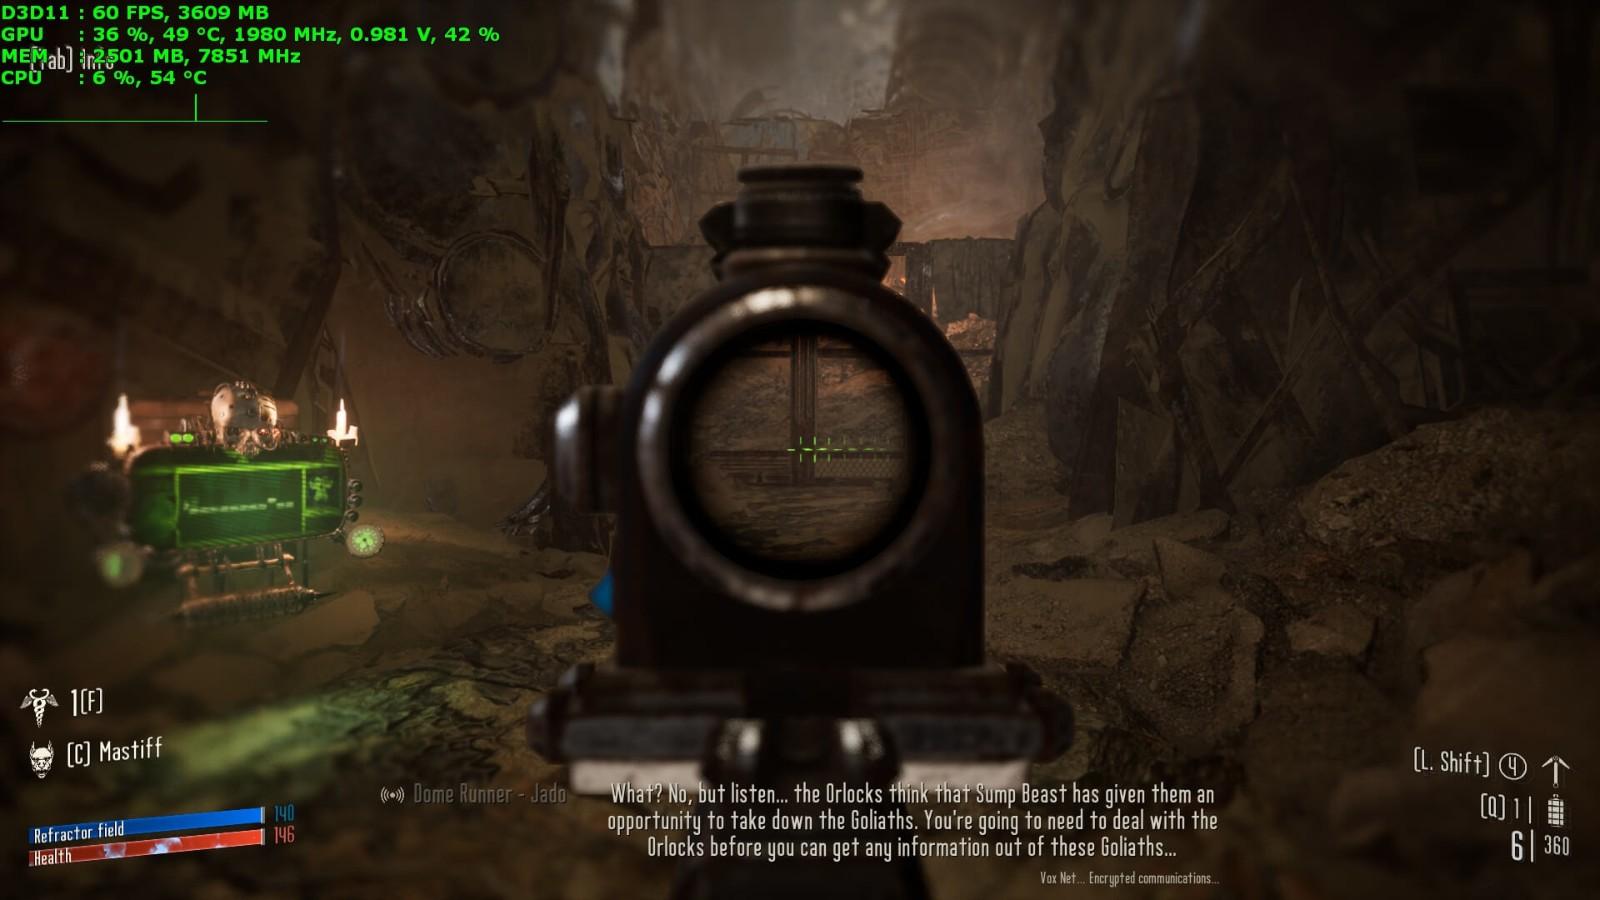 《彩六围攻》支持DLSS2.2 其DLL文件可用于其他游戏改善画质